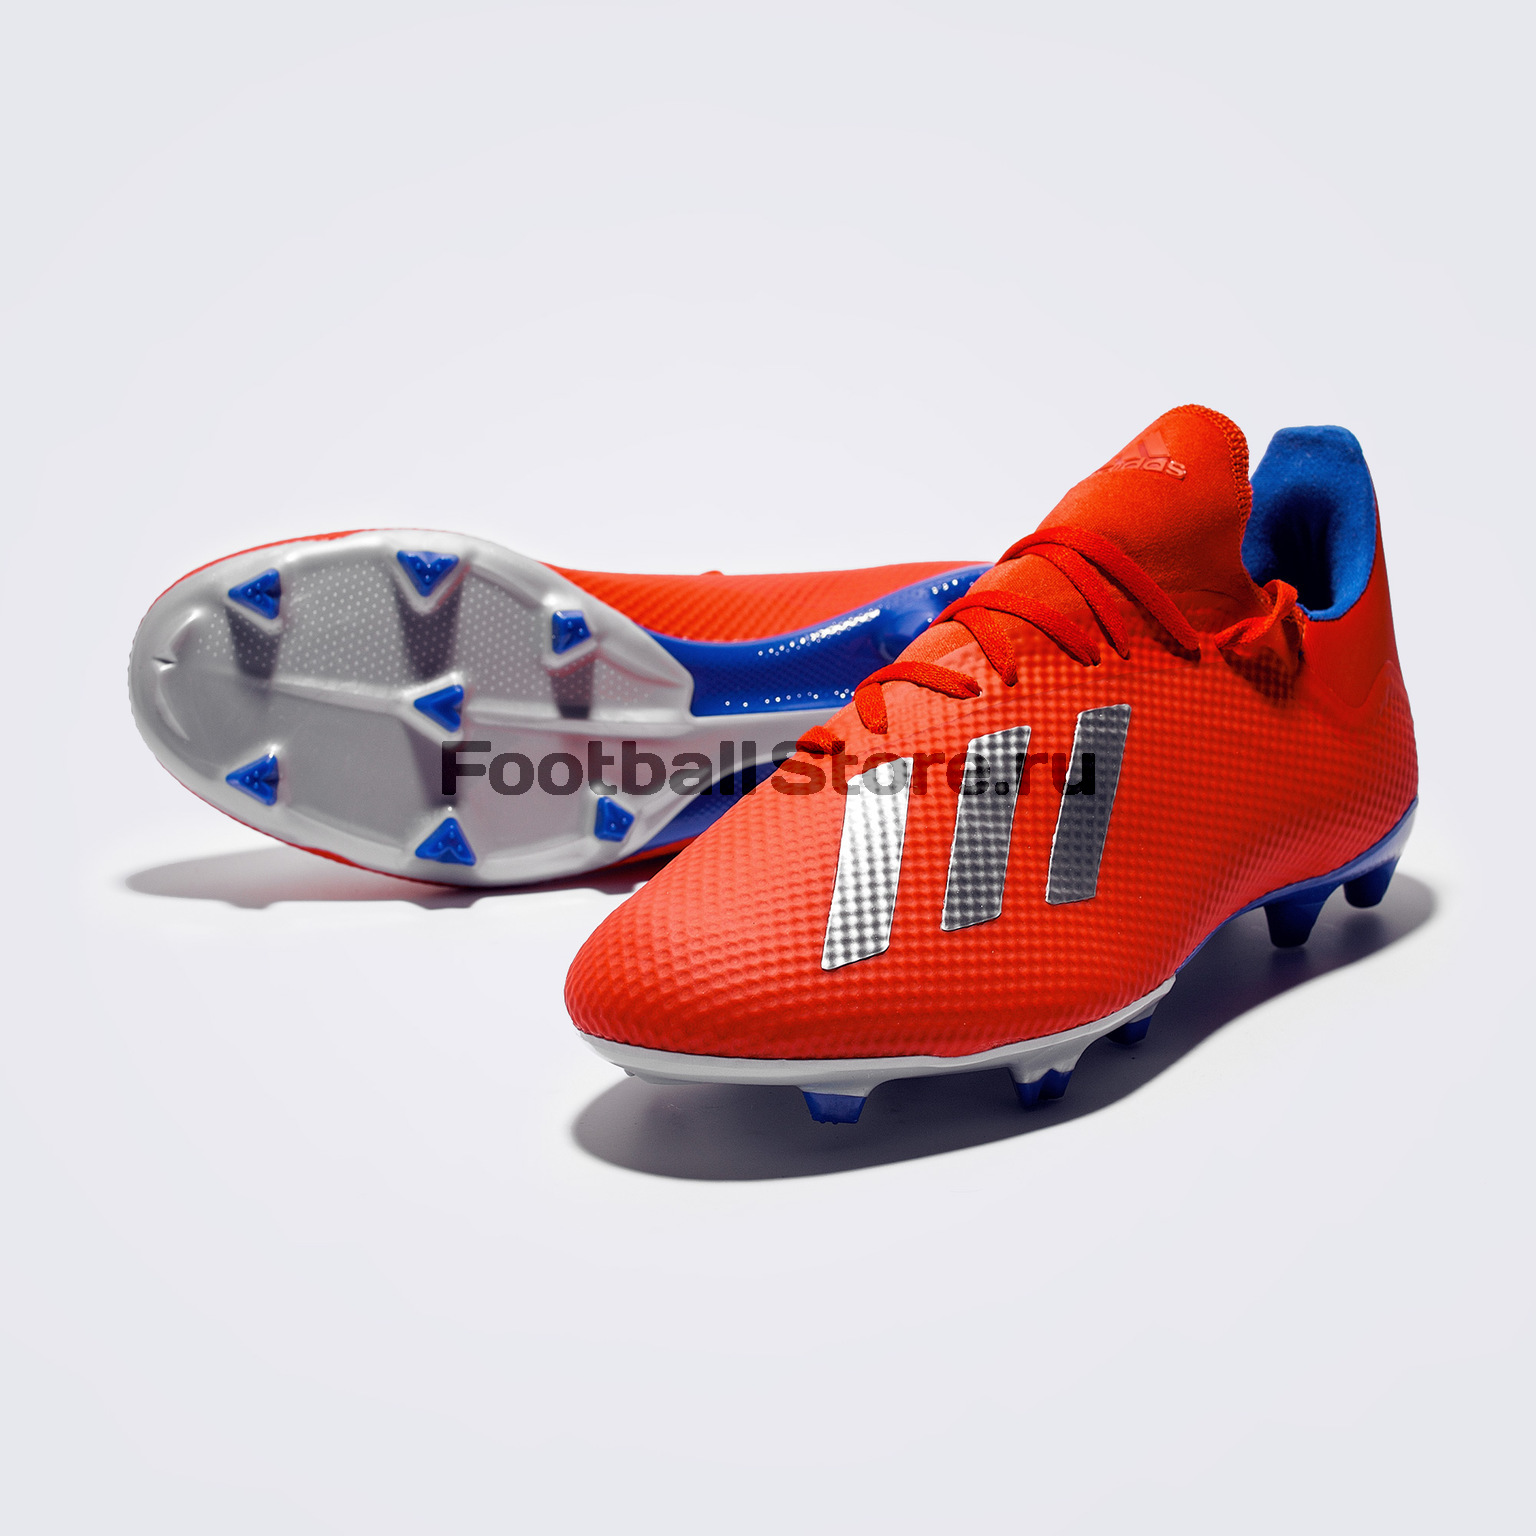 0f7080ff Бутсы Adidas X 18.3 FG BB9367 – купить бутсы в интернет магазине ...